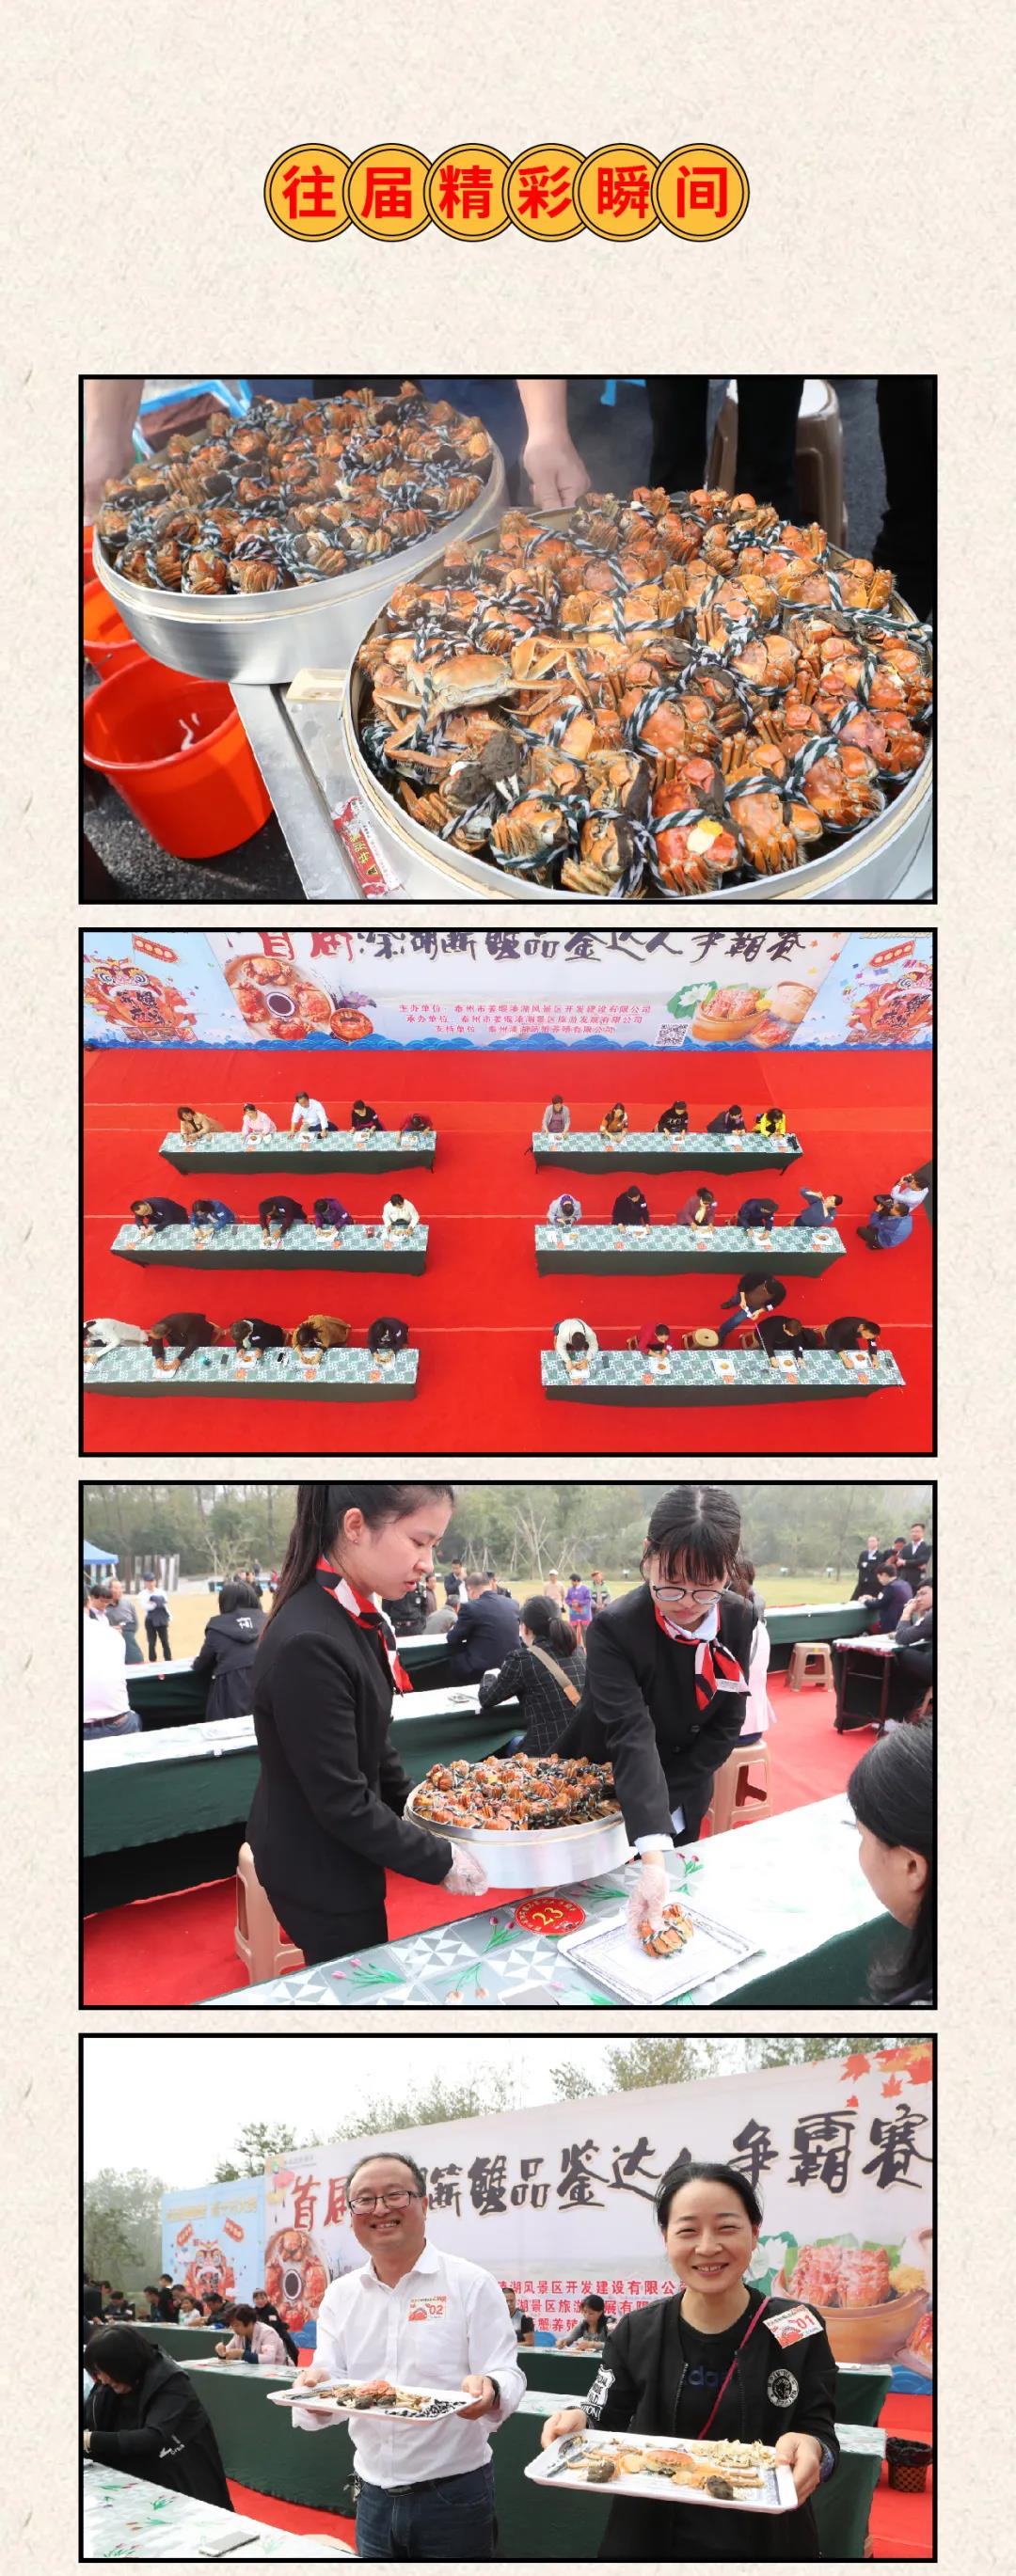 第四届溱湖簖蟹品鉴达人争霸赛来袭 即将开启一场饕鬄盛宴